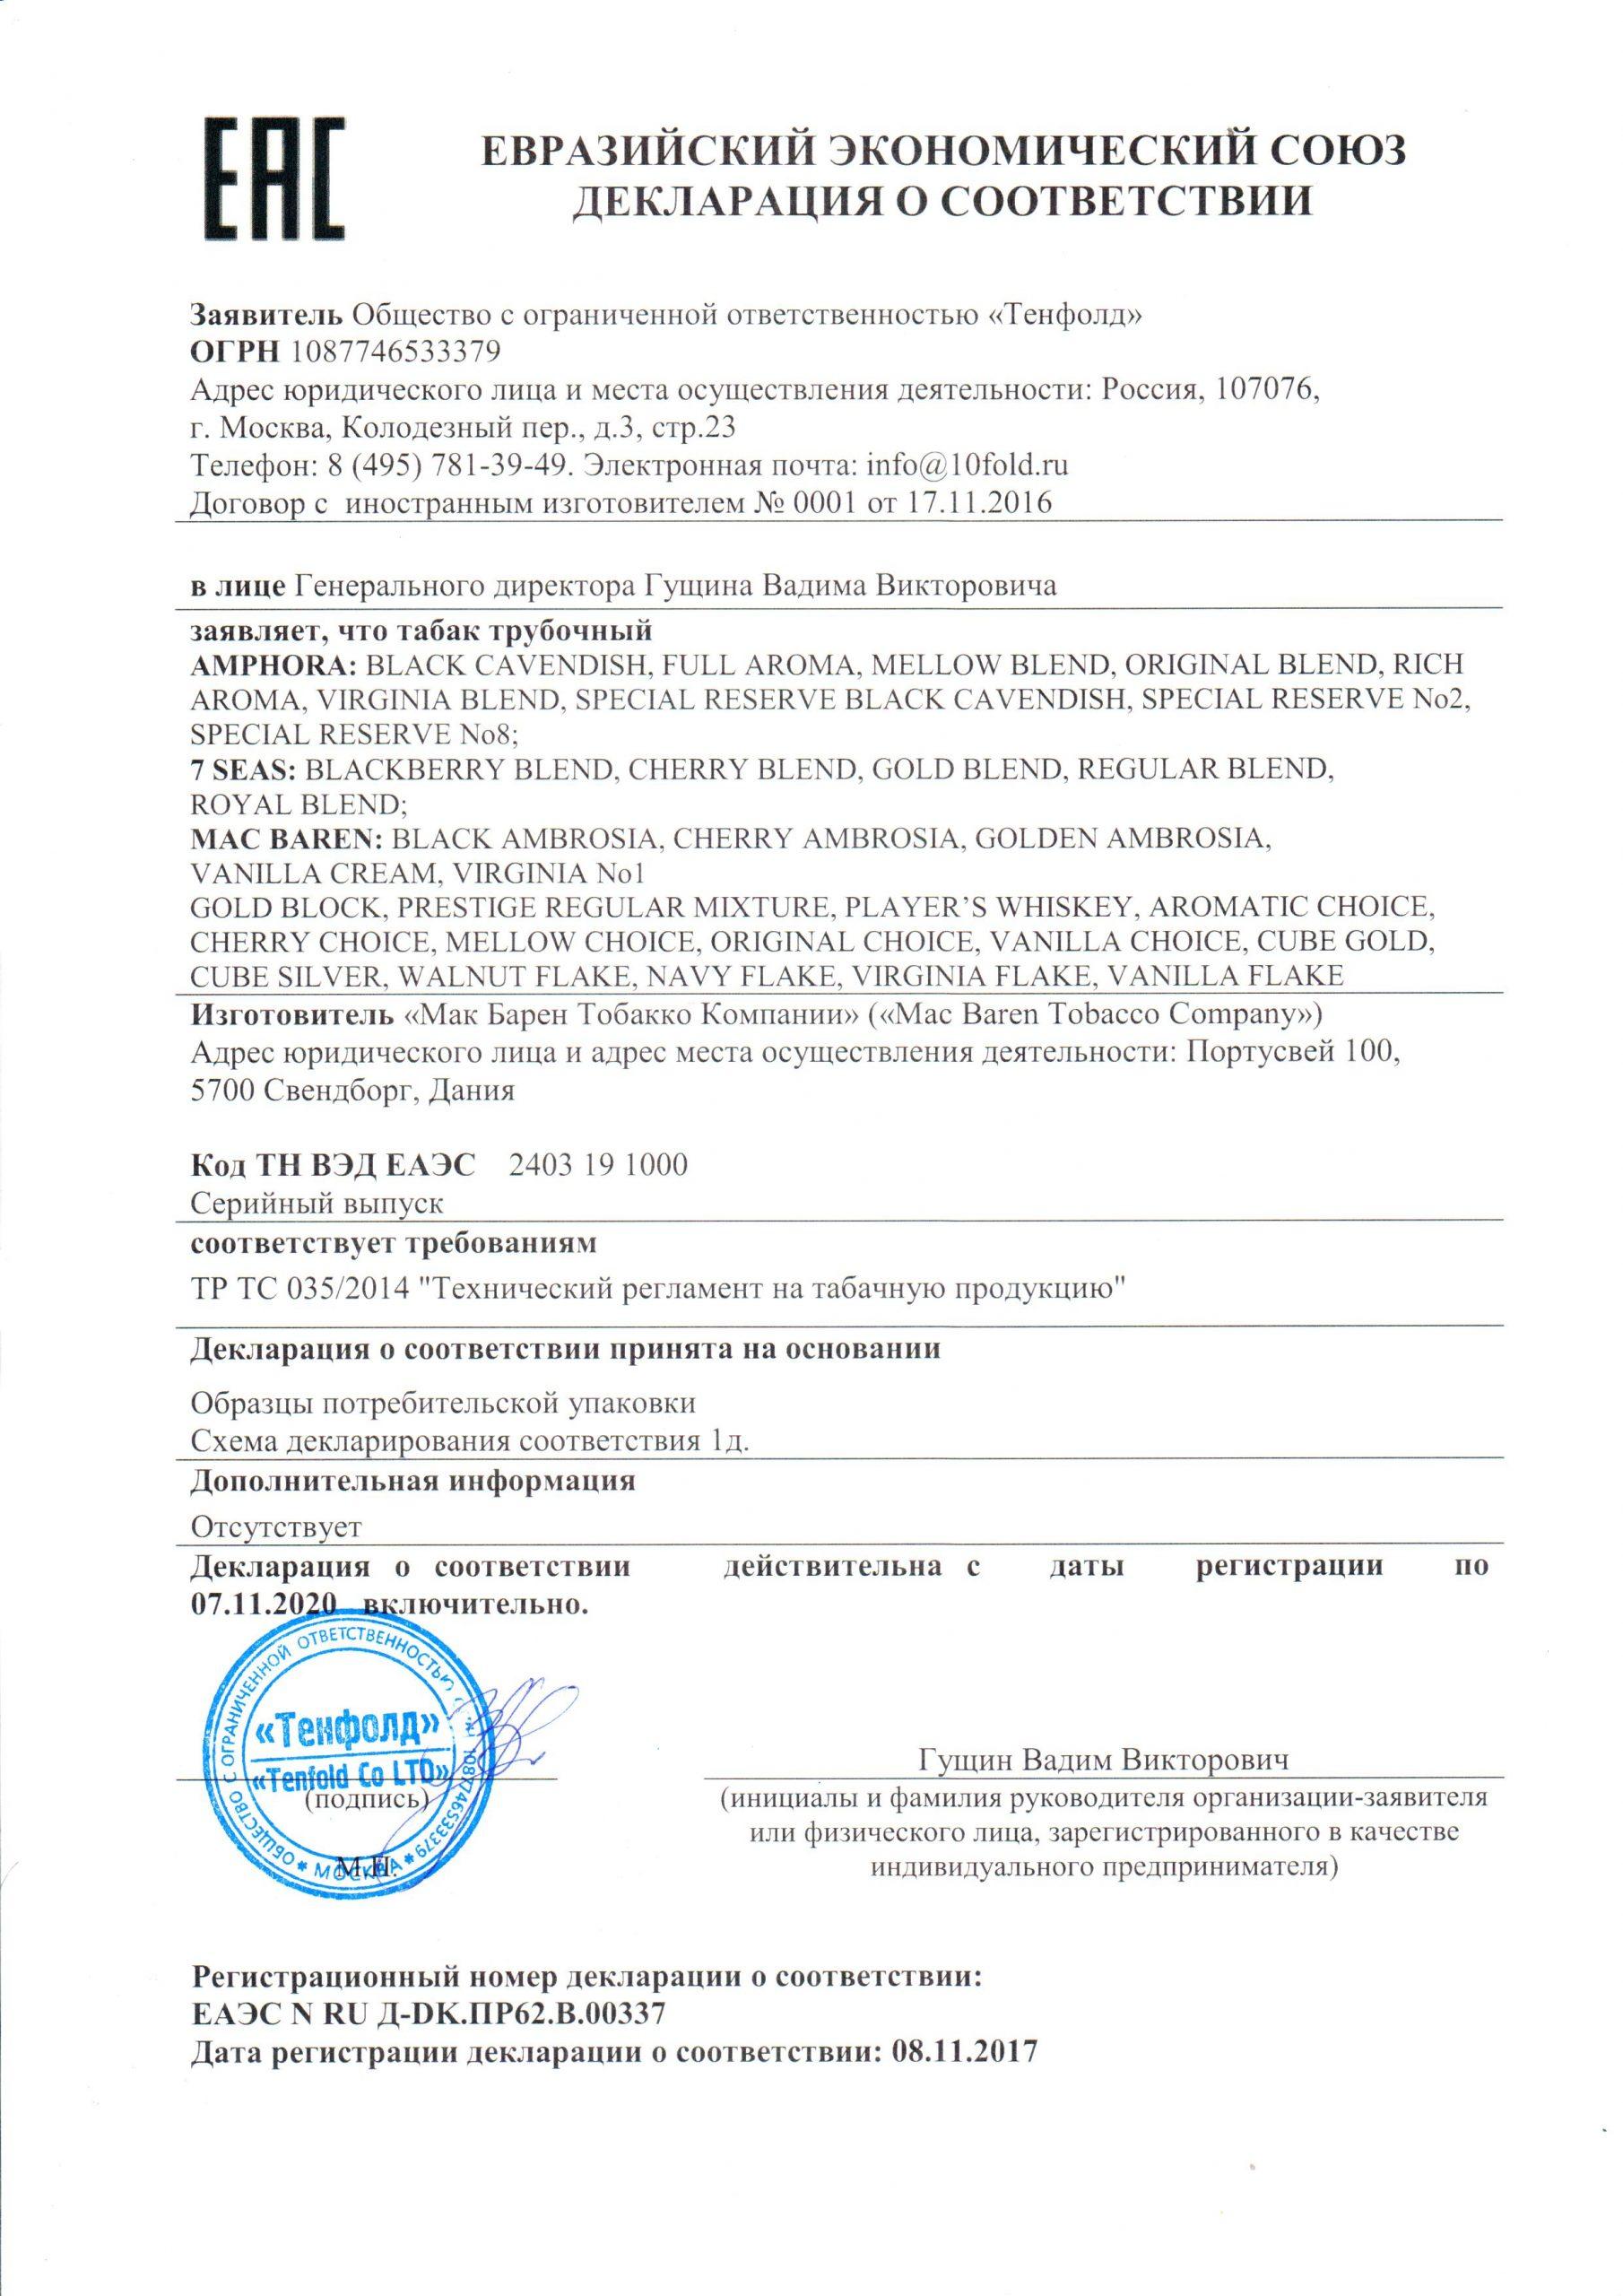 Декларация на табачные изделия образец расстояние по табачным изделиям границы